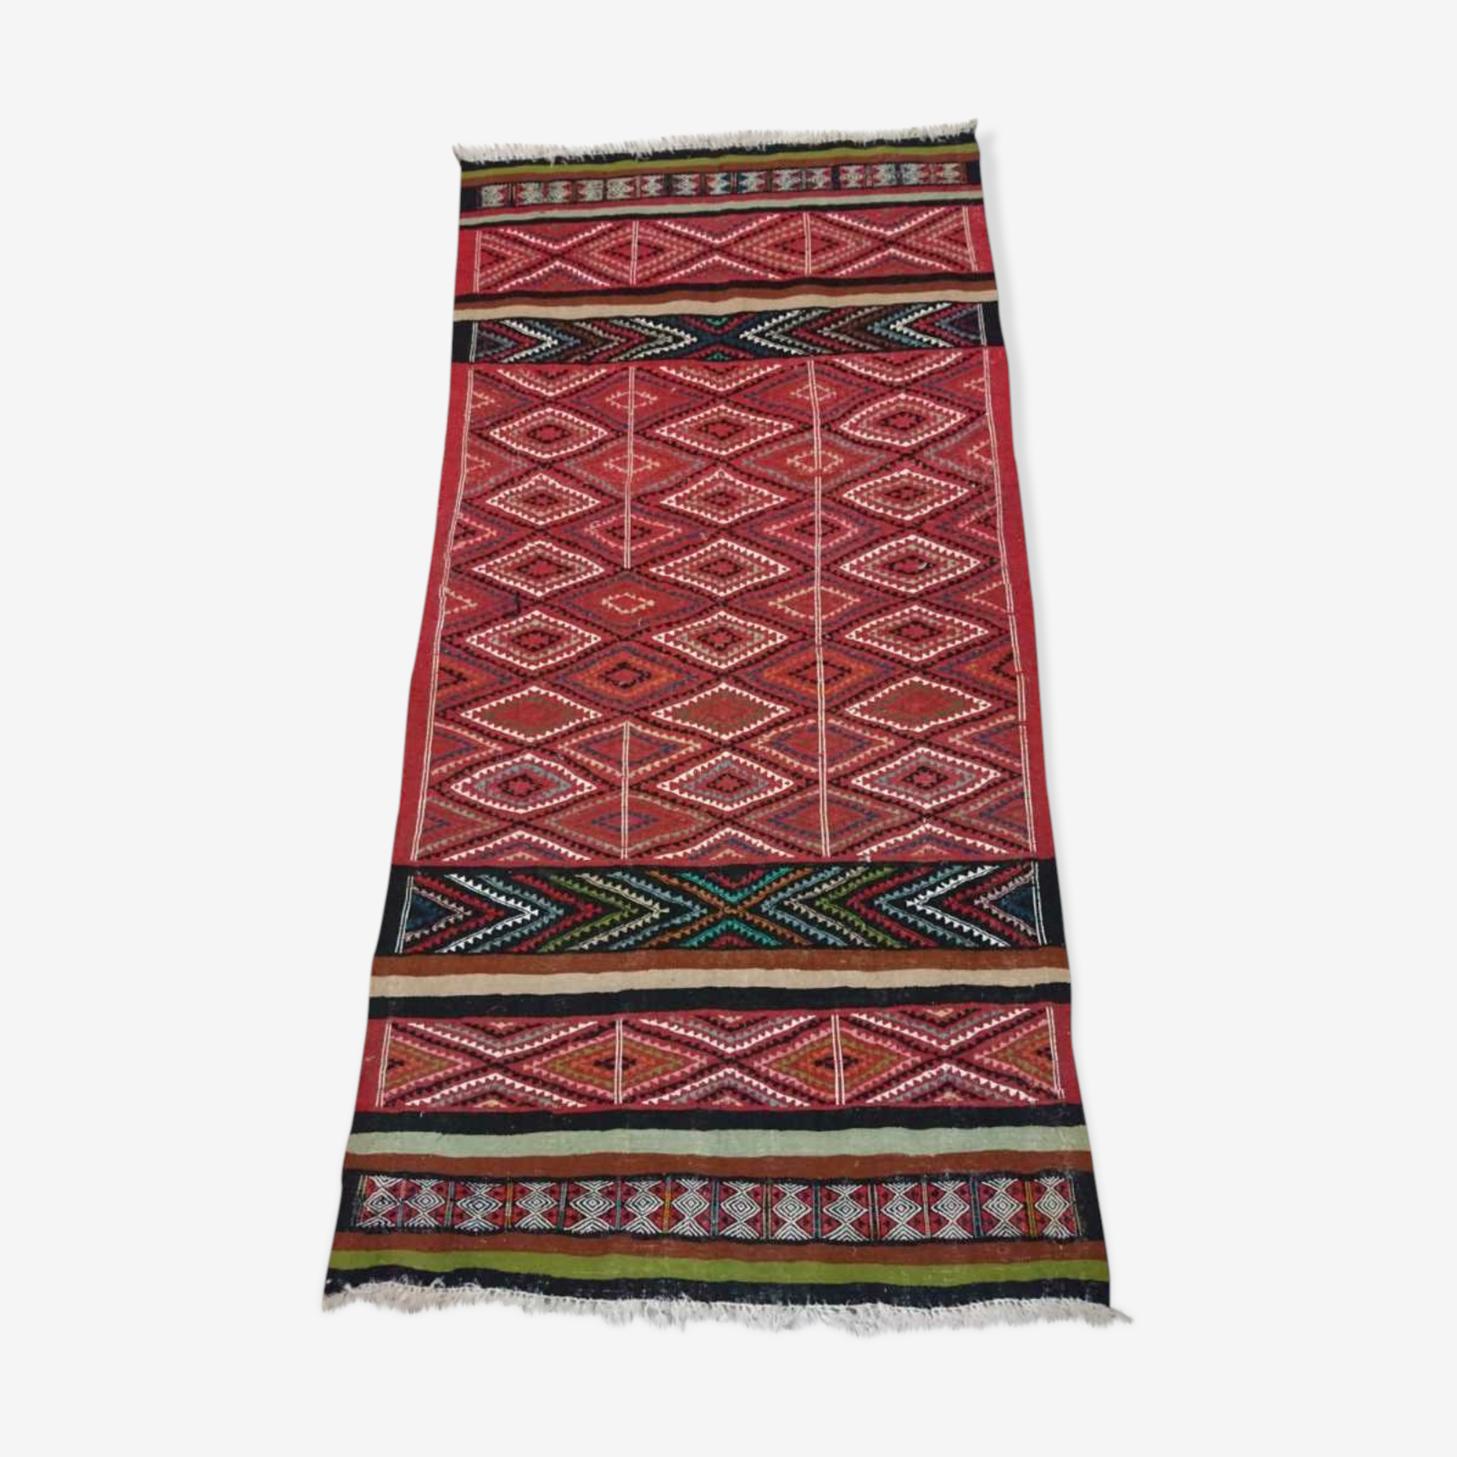 Tapis kilim berbère rouge multicolore en laine 100x200cm